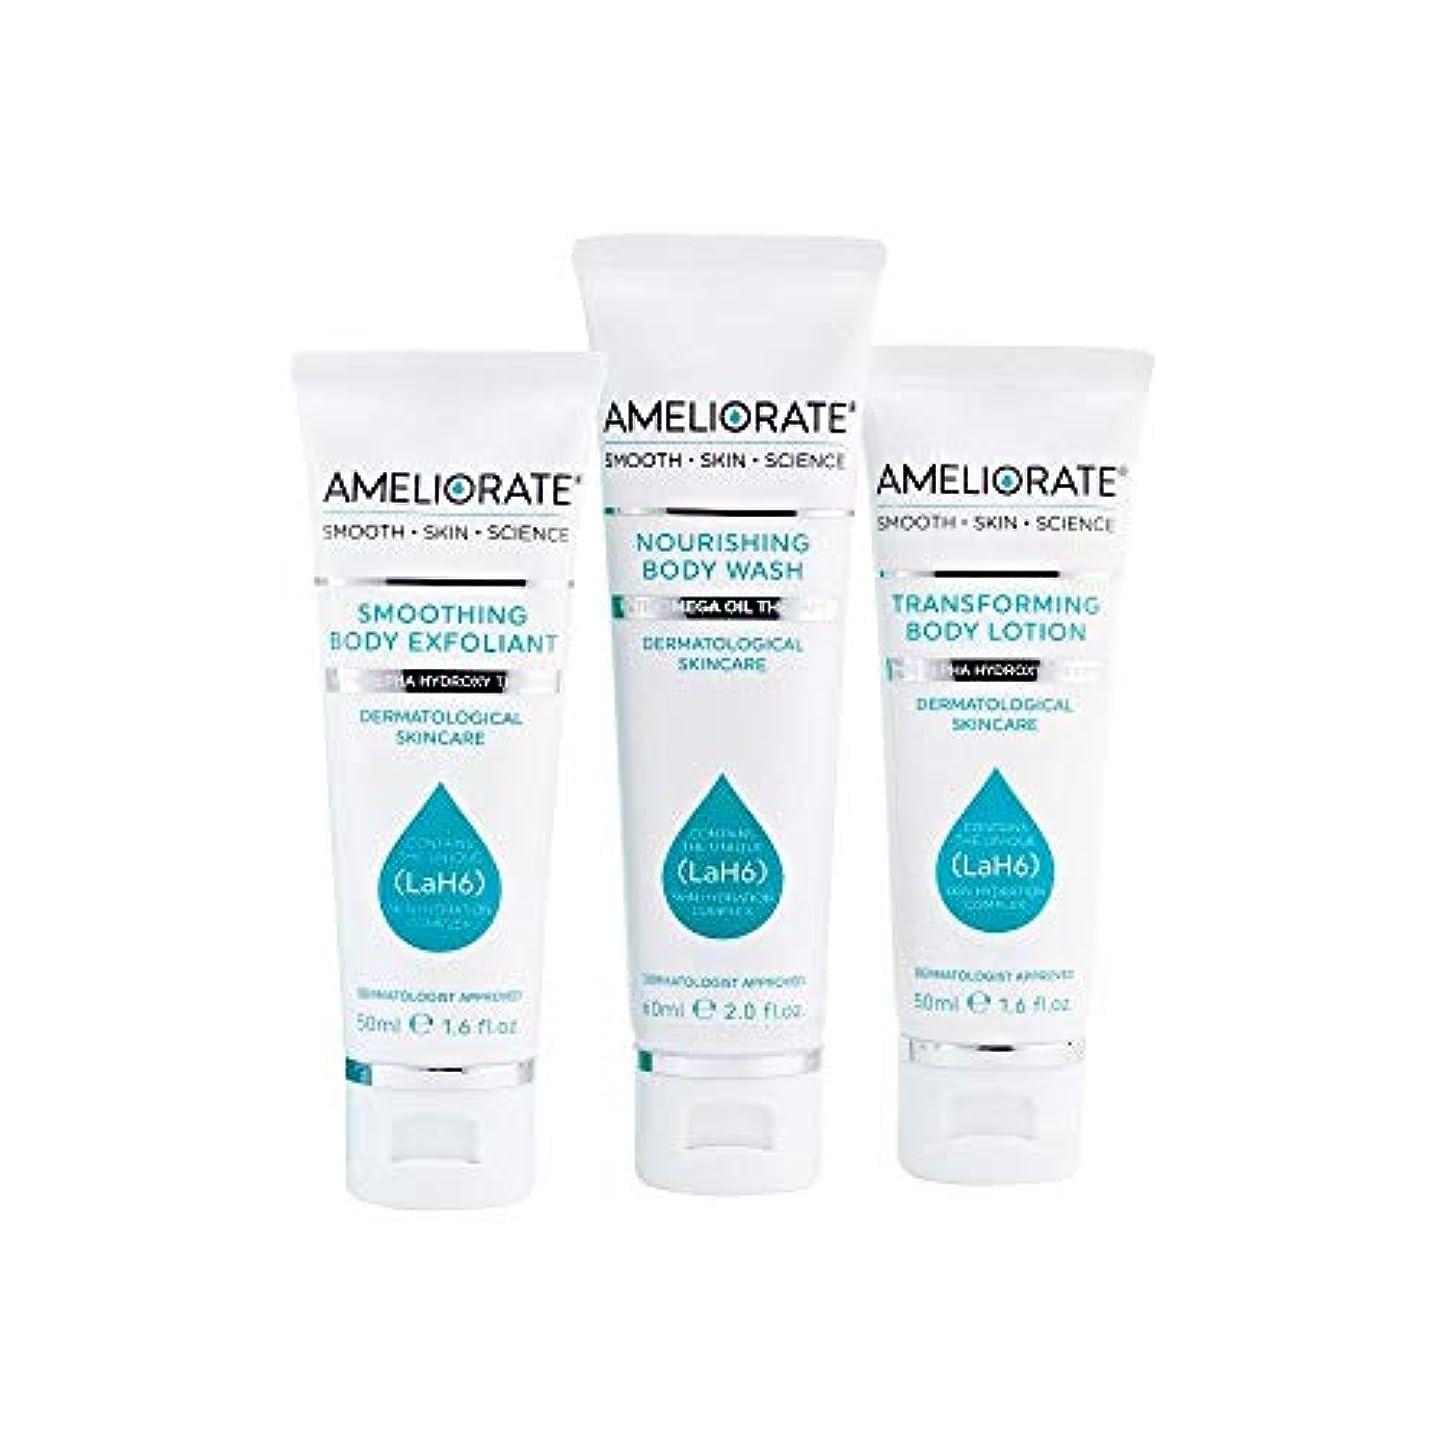 放つ悪用怪物[Ameliorate] 皮膚キットを滑らかにする3つのステップを改善 - Ameliorate 3 Steps to Smooth Skin Kit [並行輸入品]